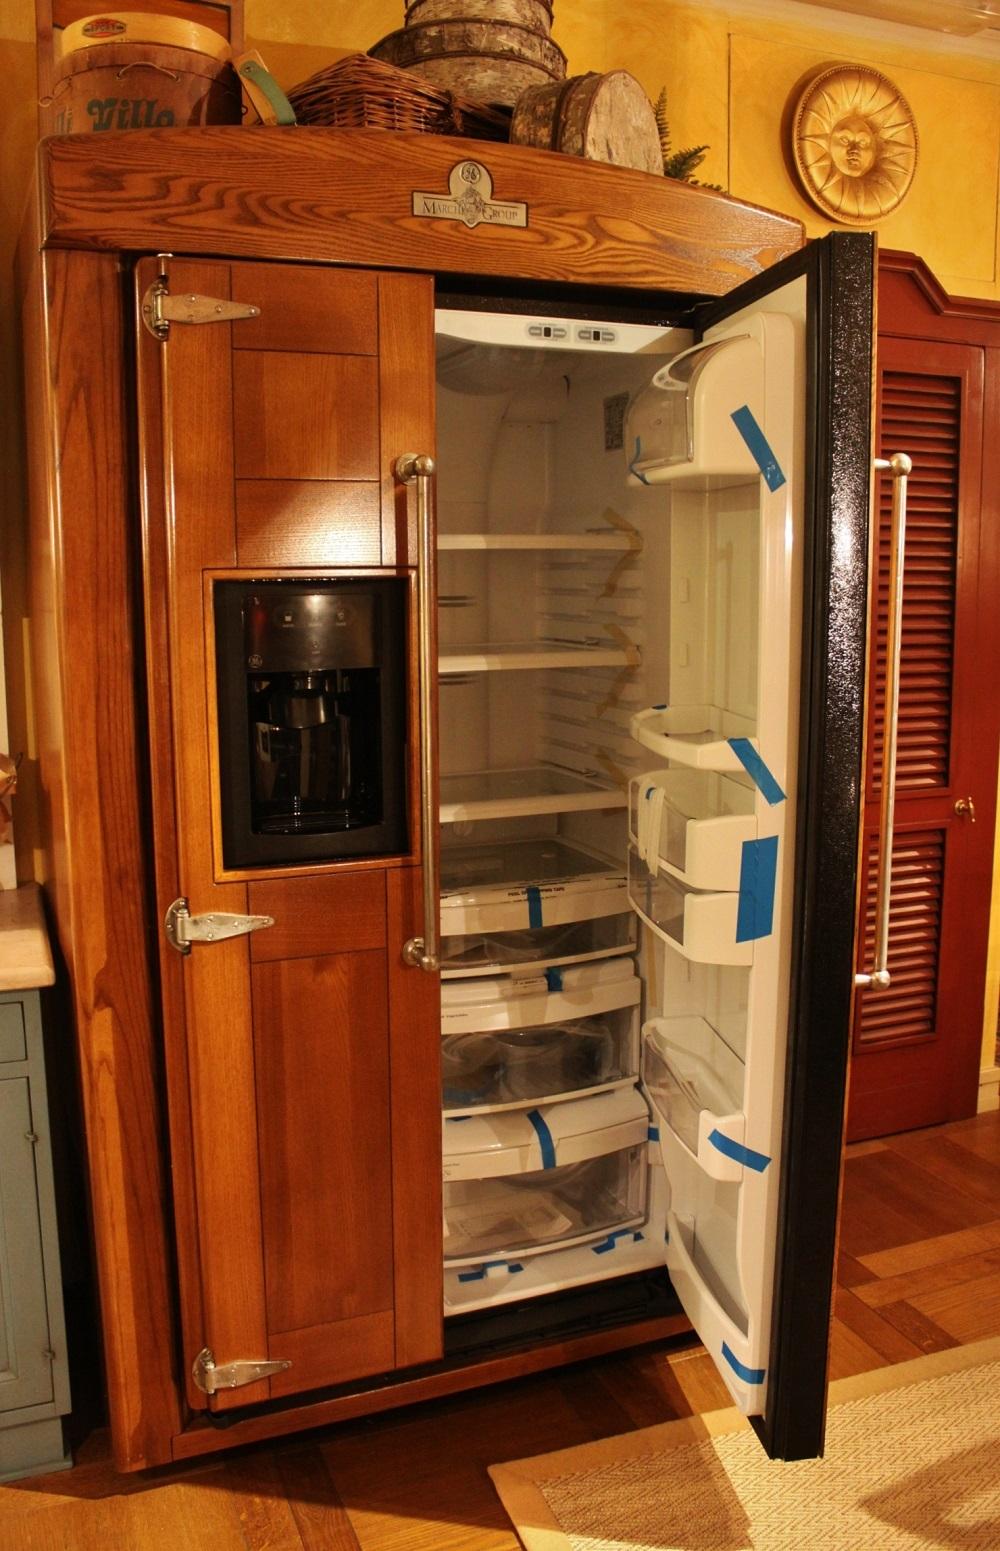 Quadri per soggiorni moderni cucina lineare completa di for Quadri per soggiorni moderni